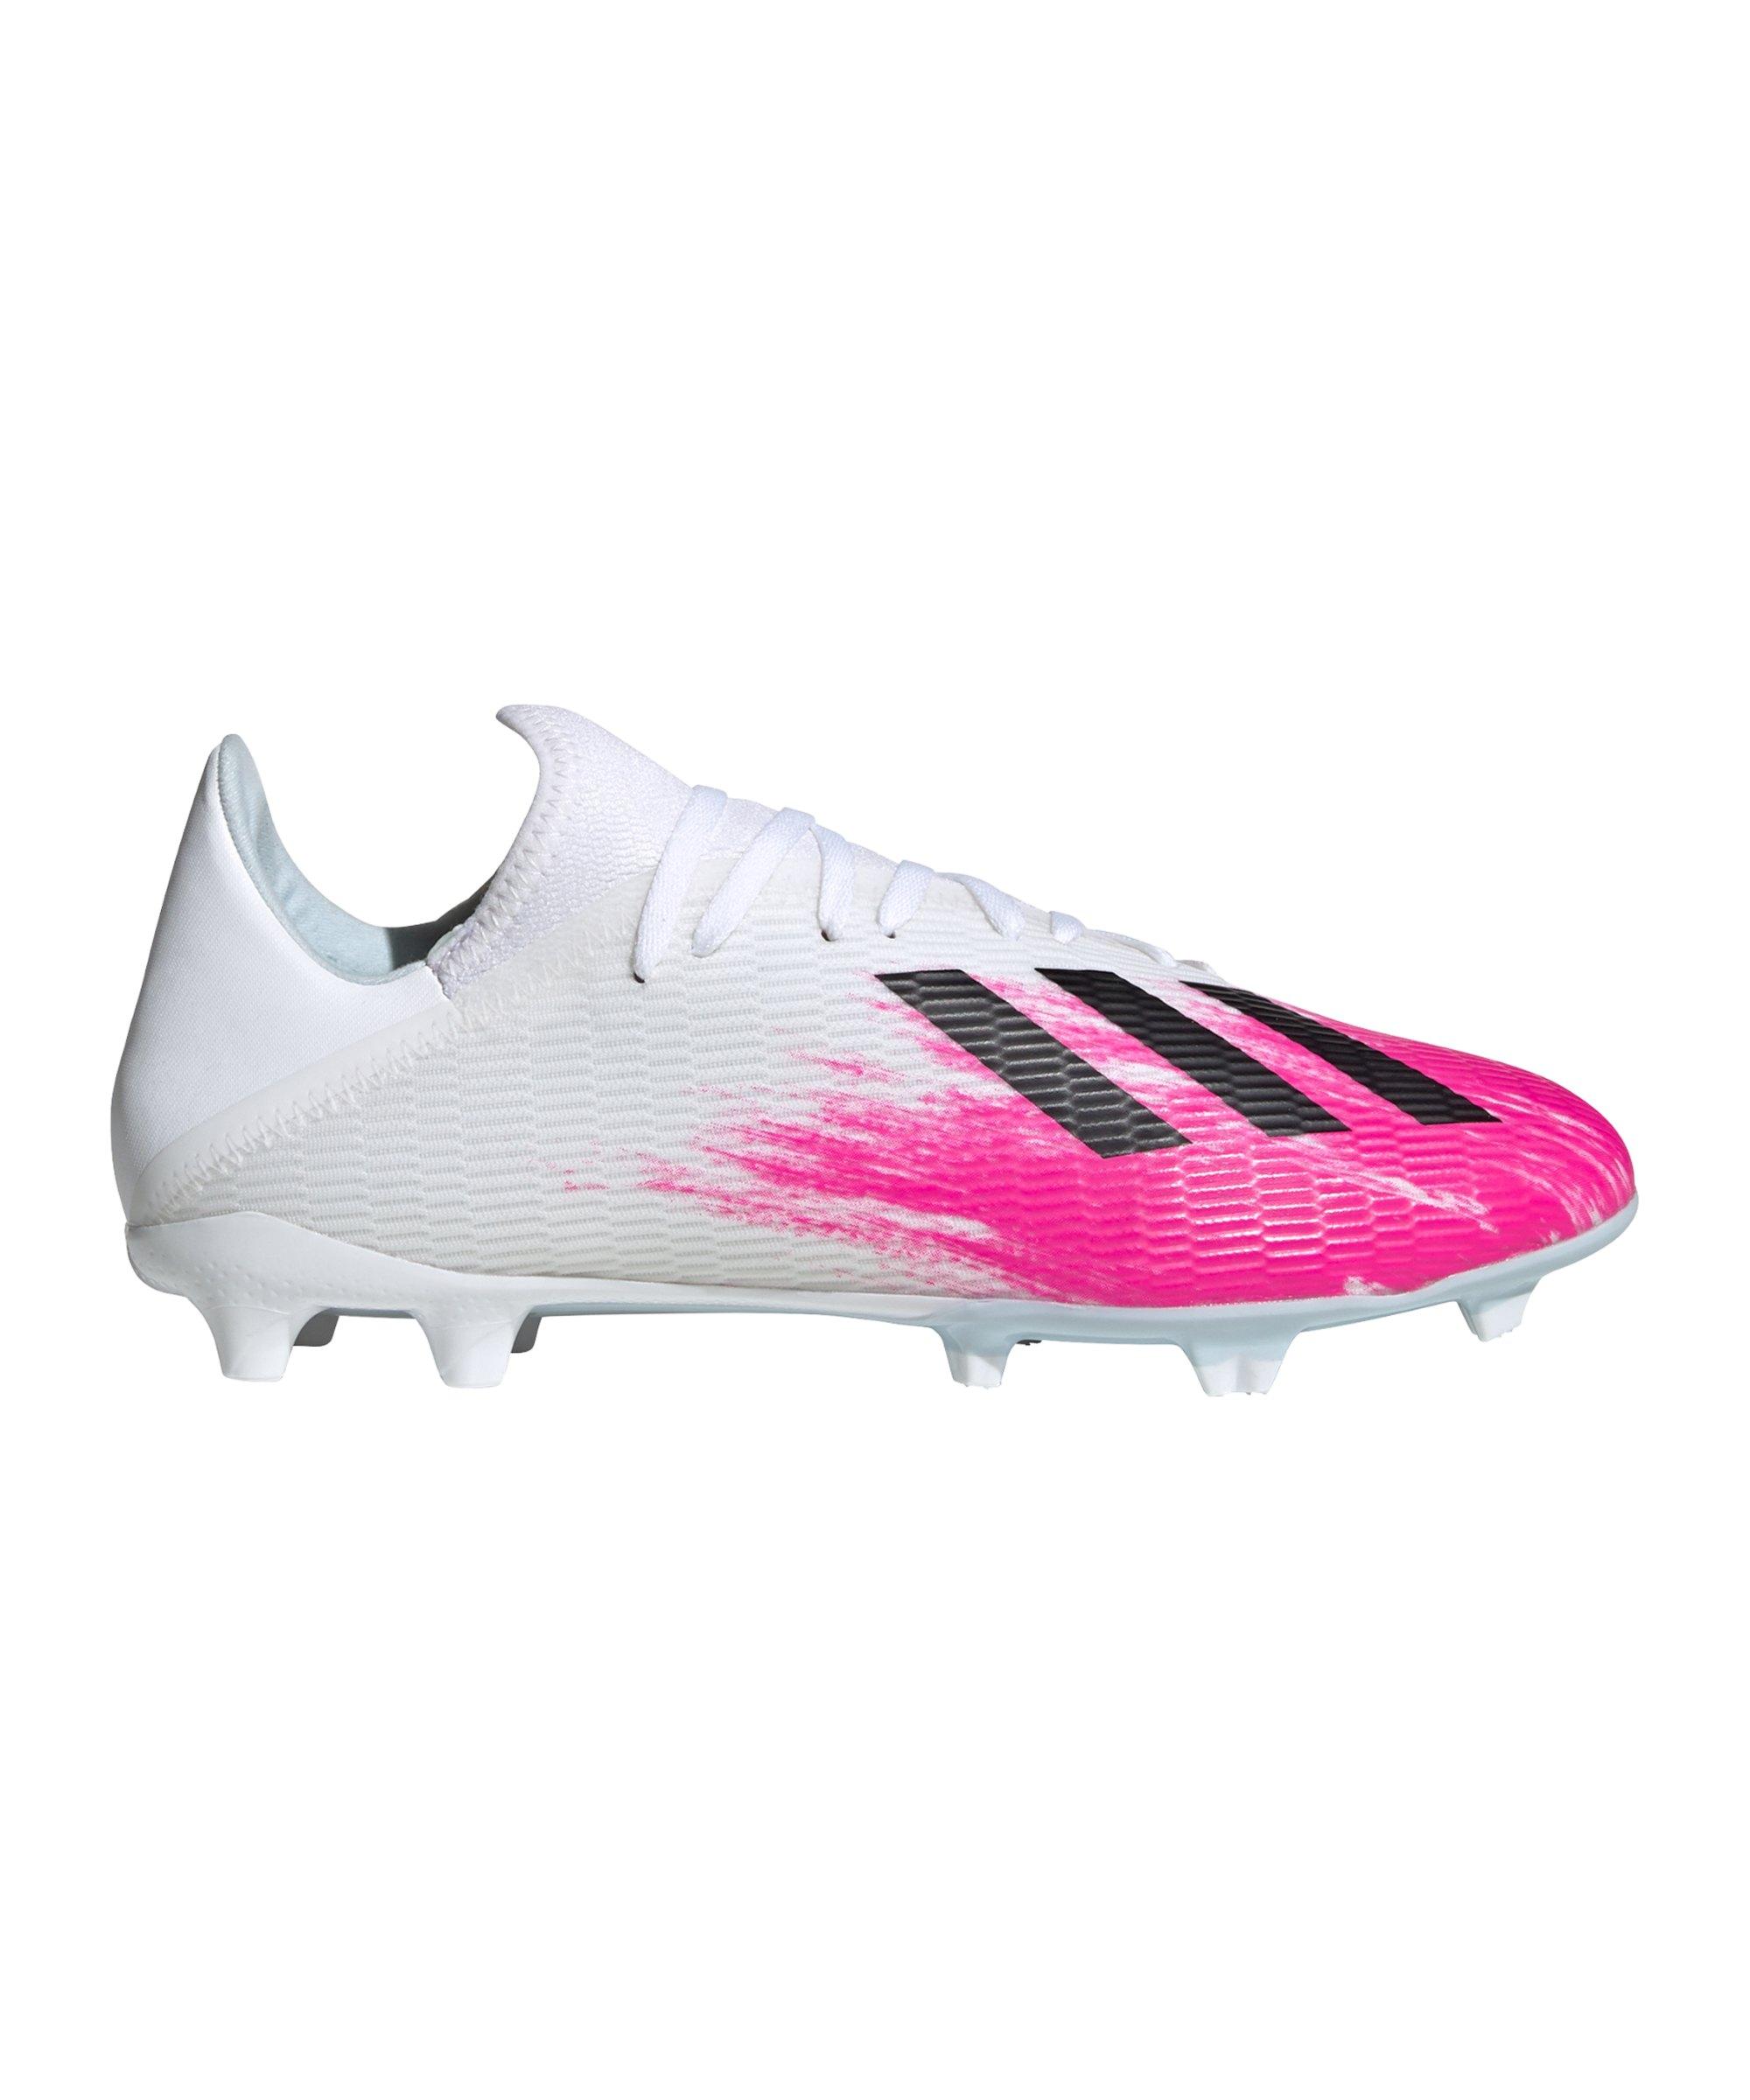 adidas X Uniforia 19.3 FG Weiss Pink - weiss